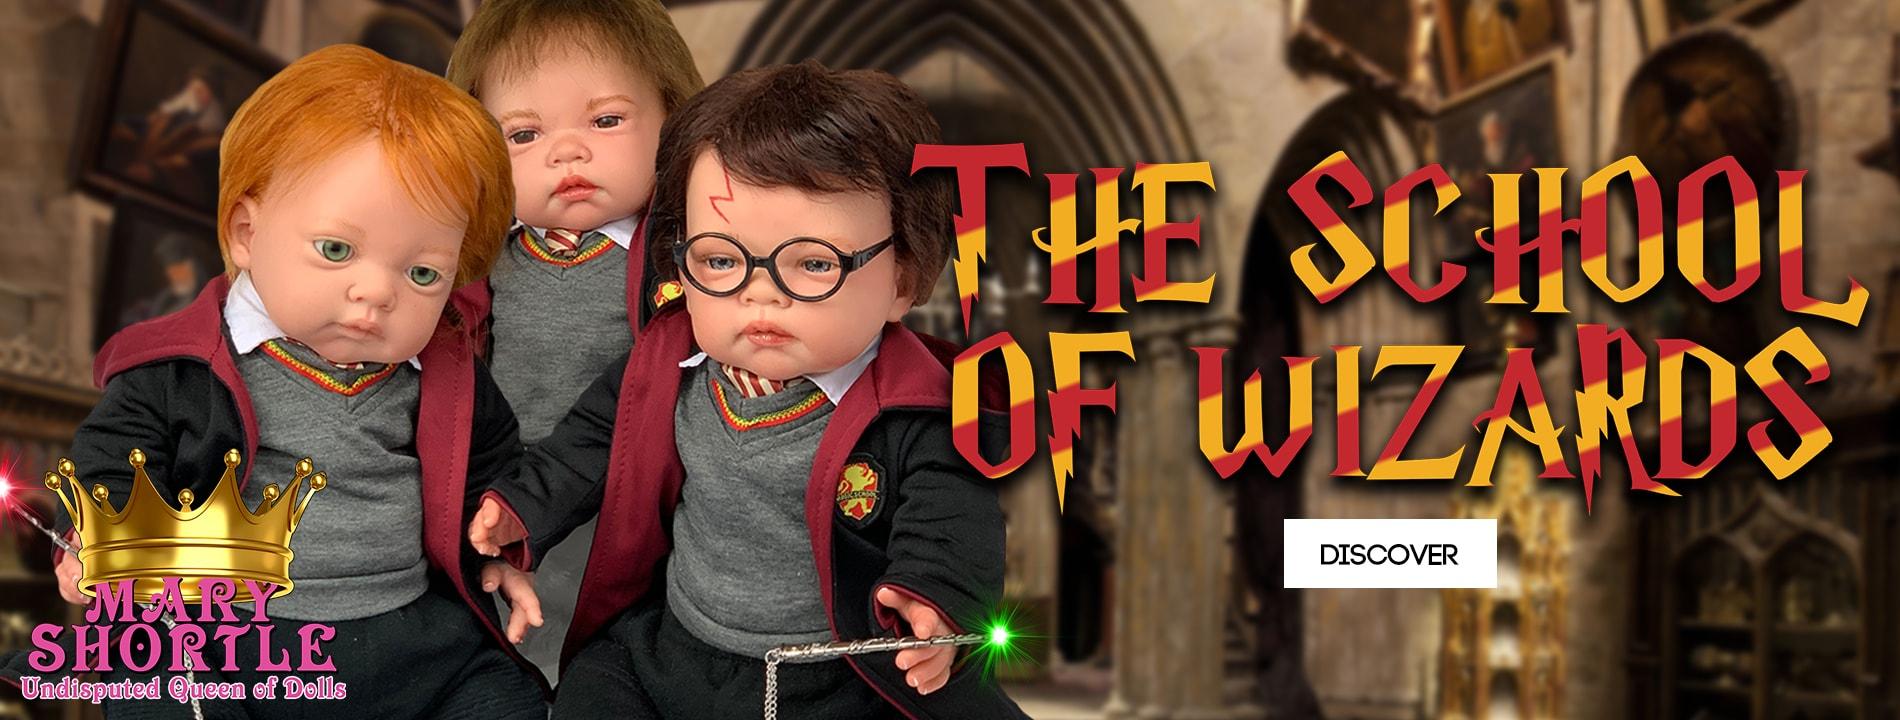 The School of Wizards